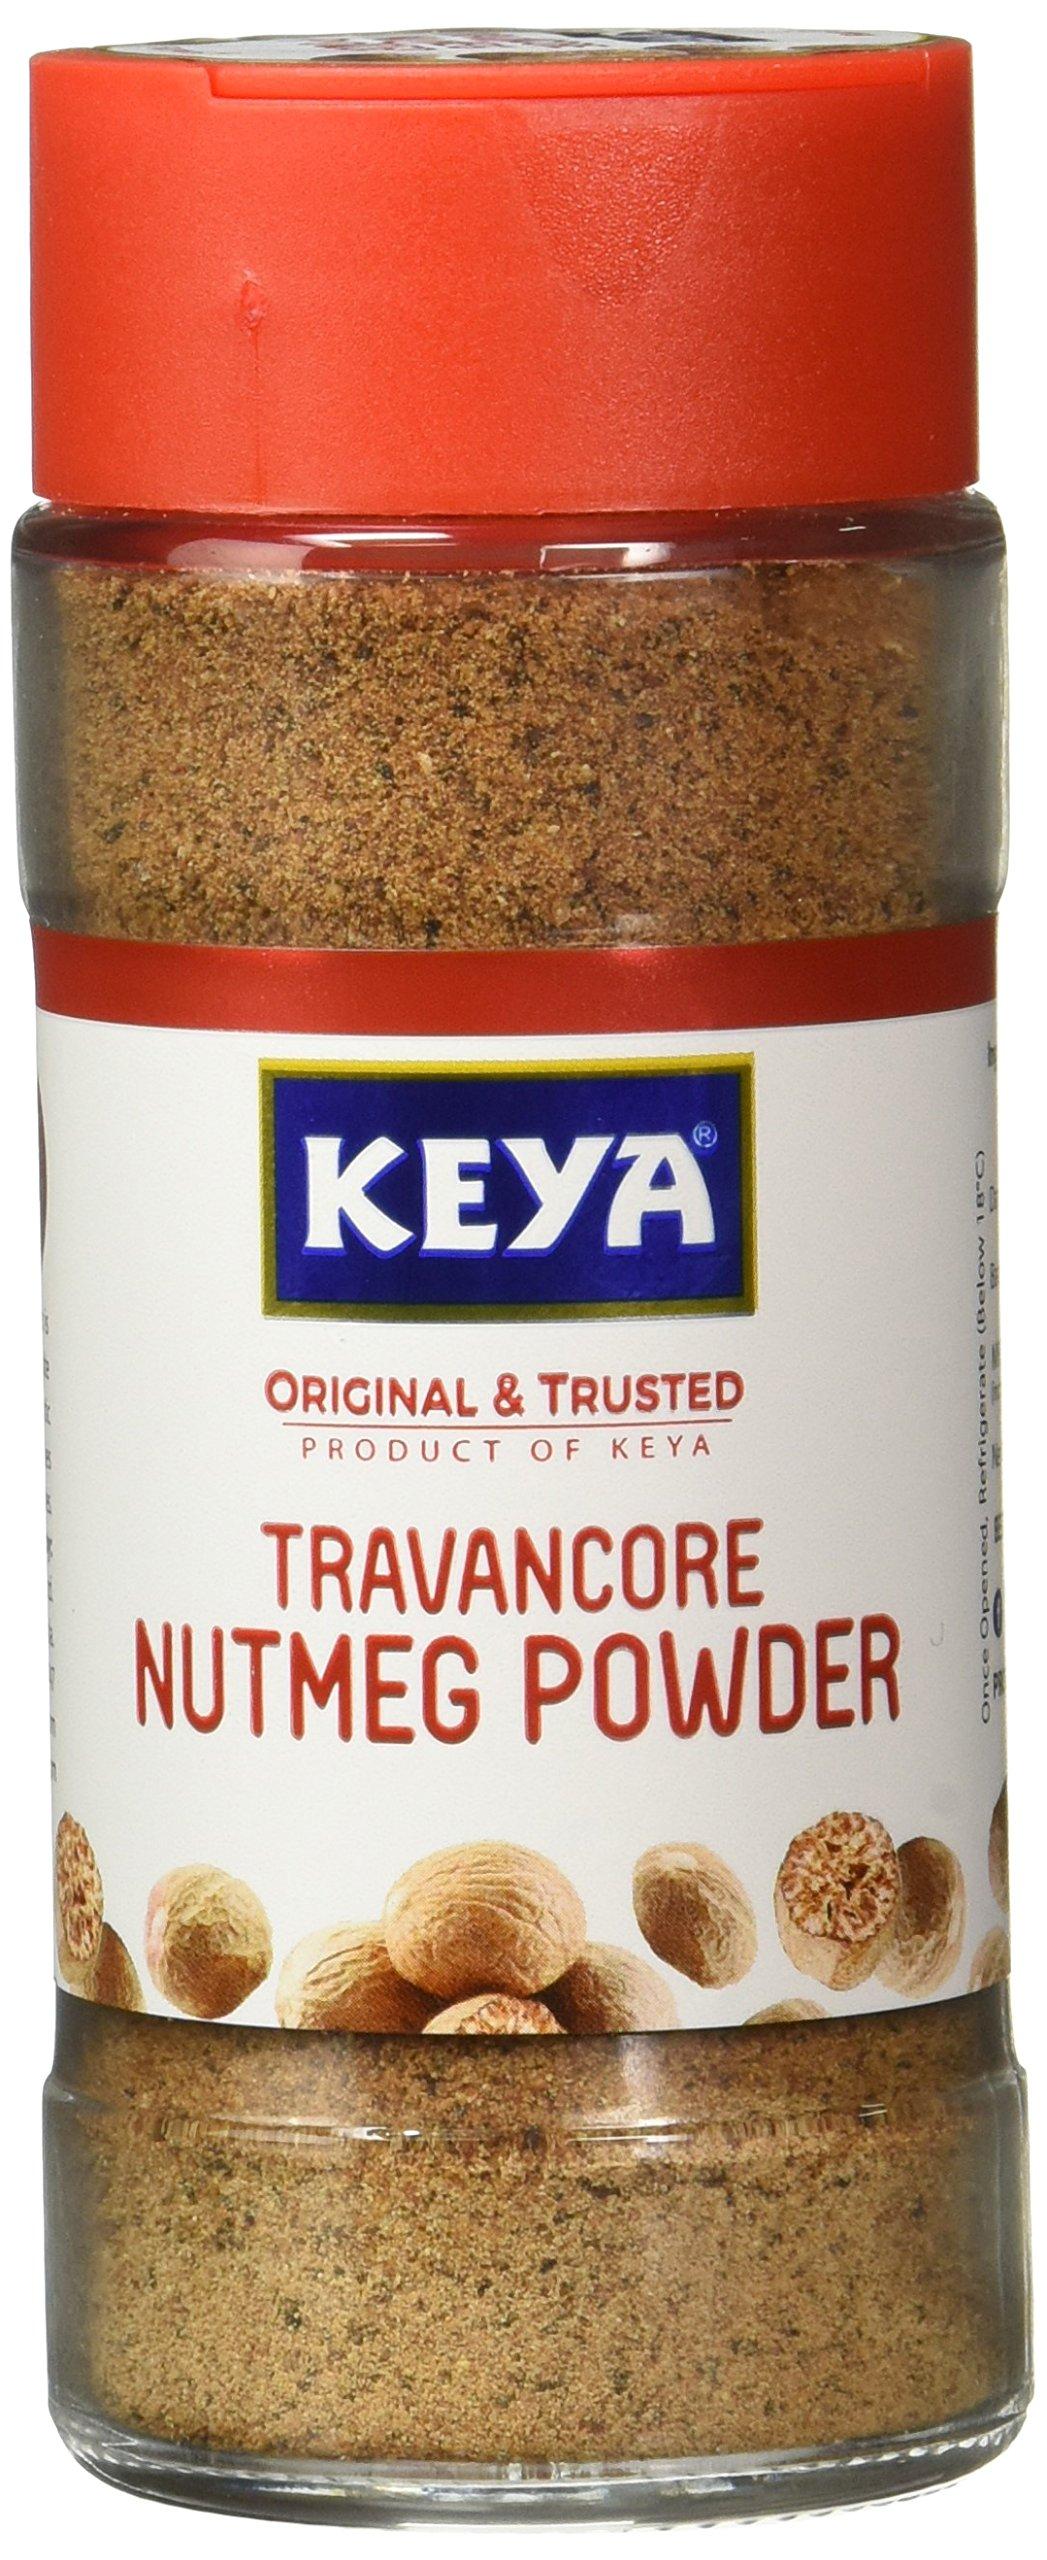 Keya Travancore Nutmeg powder - 65g